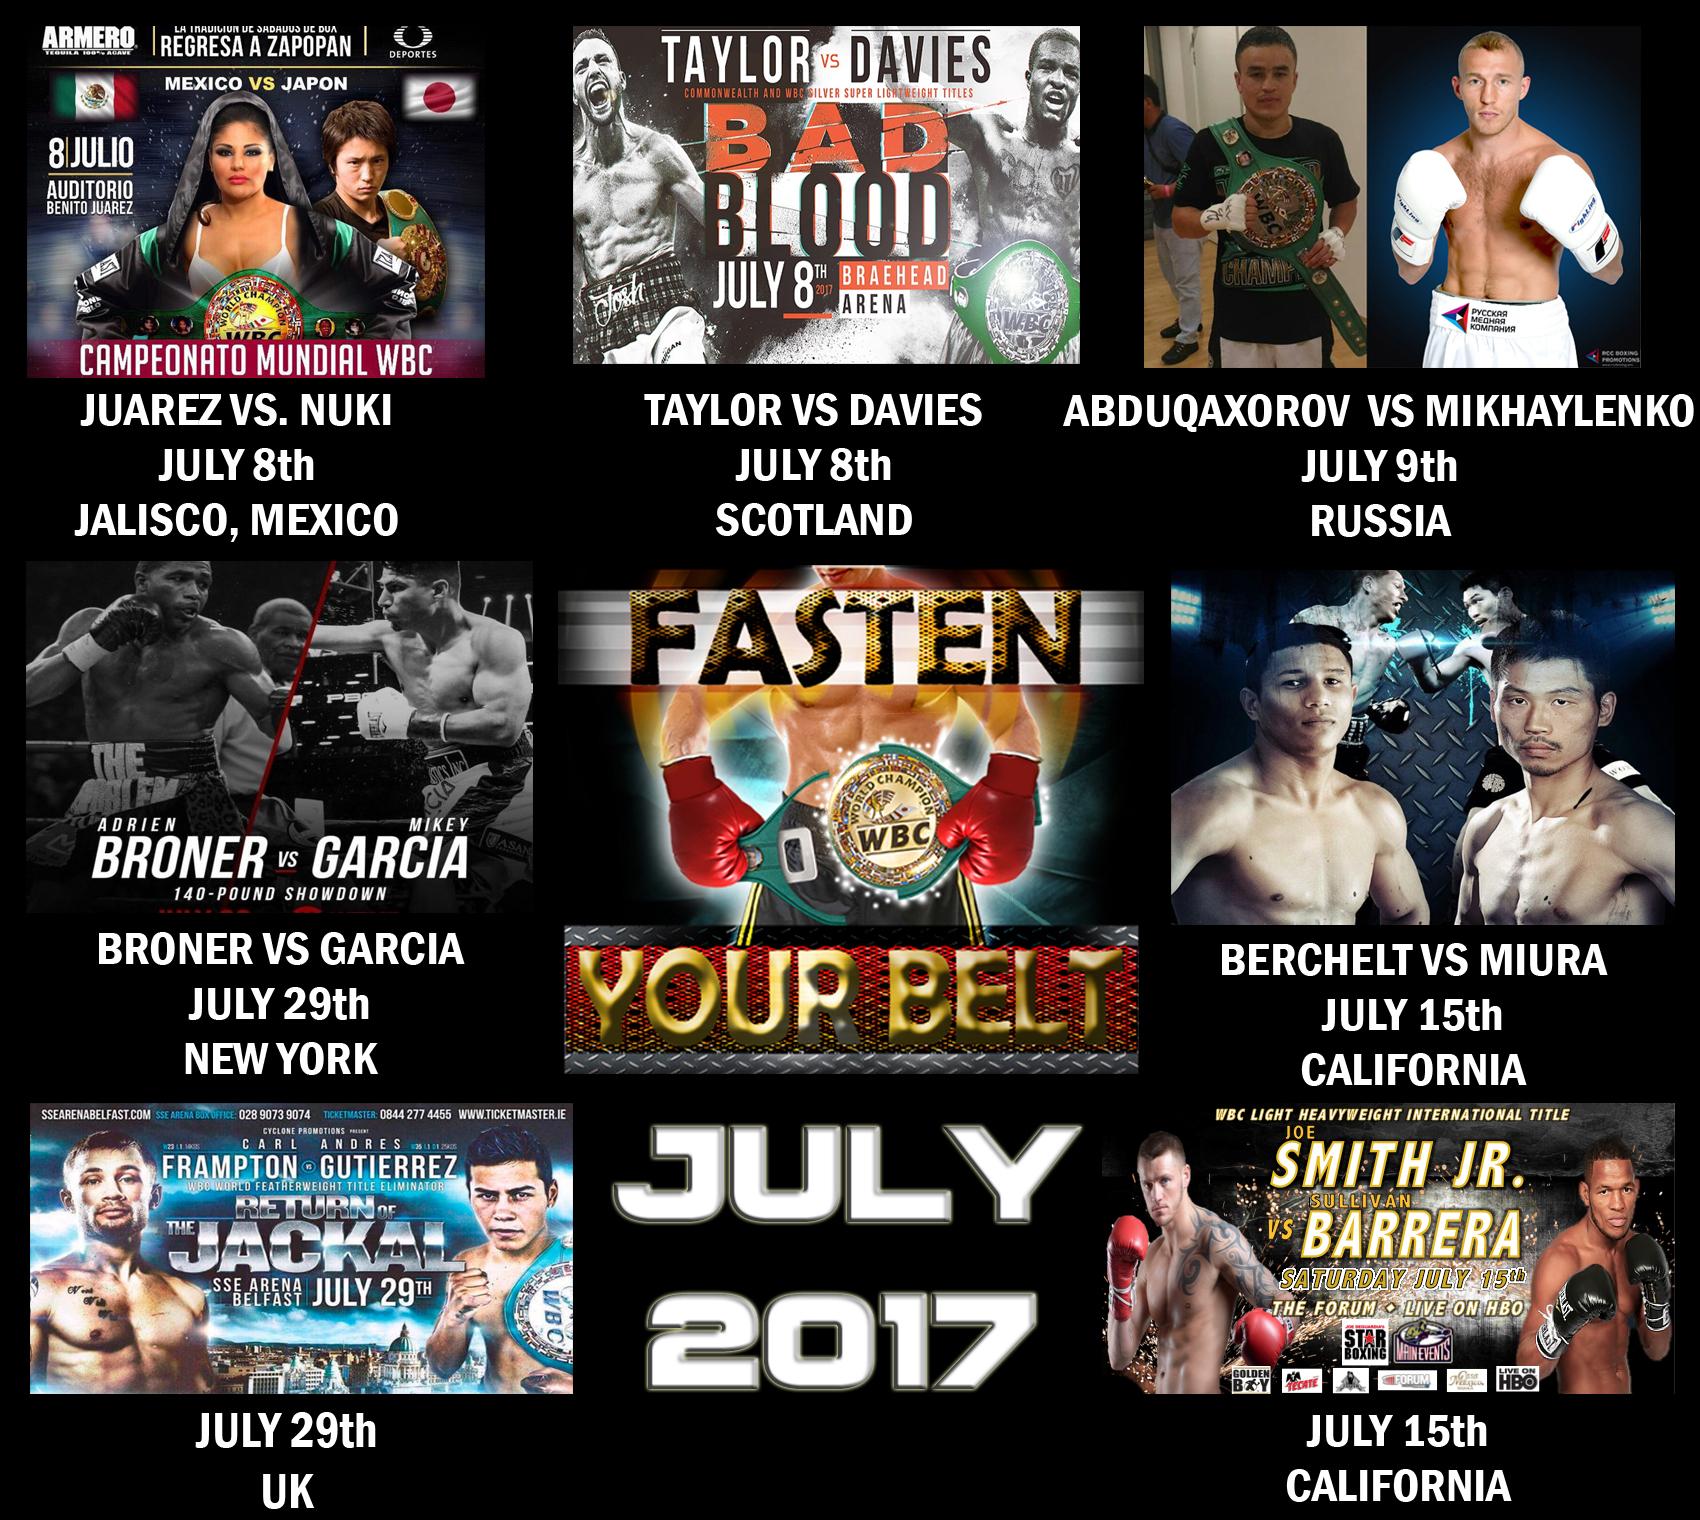 FASTEN-YOUR-BELT-JULIO-2017